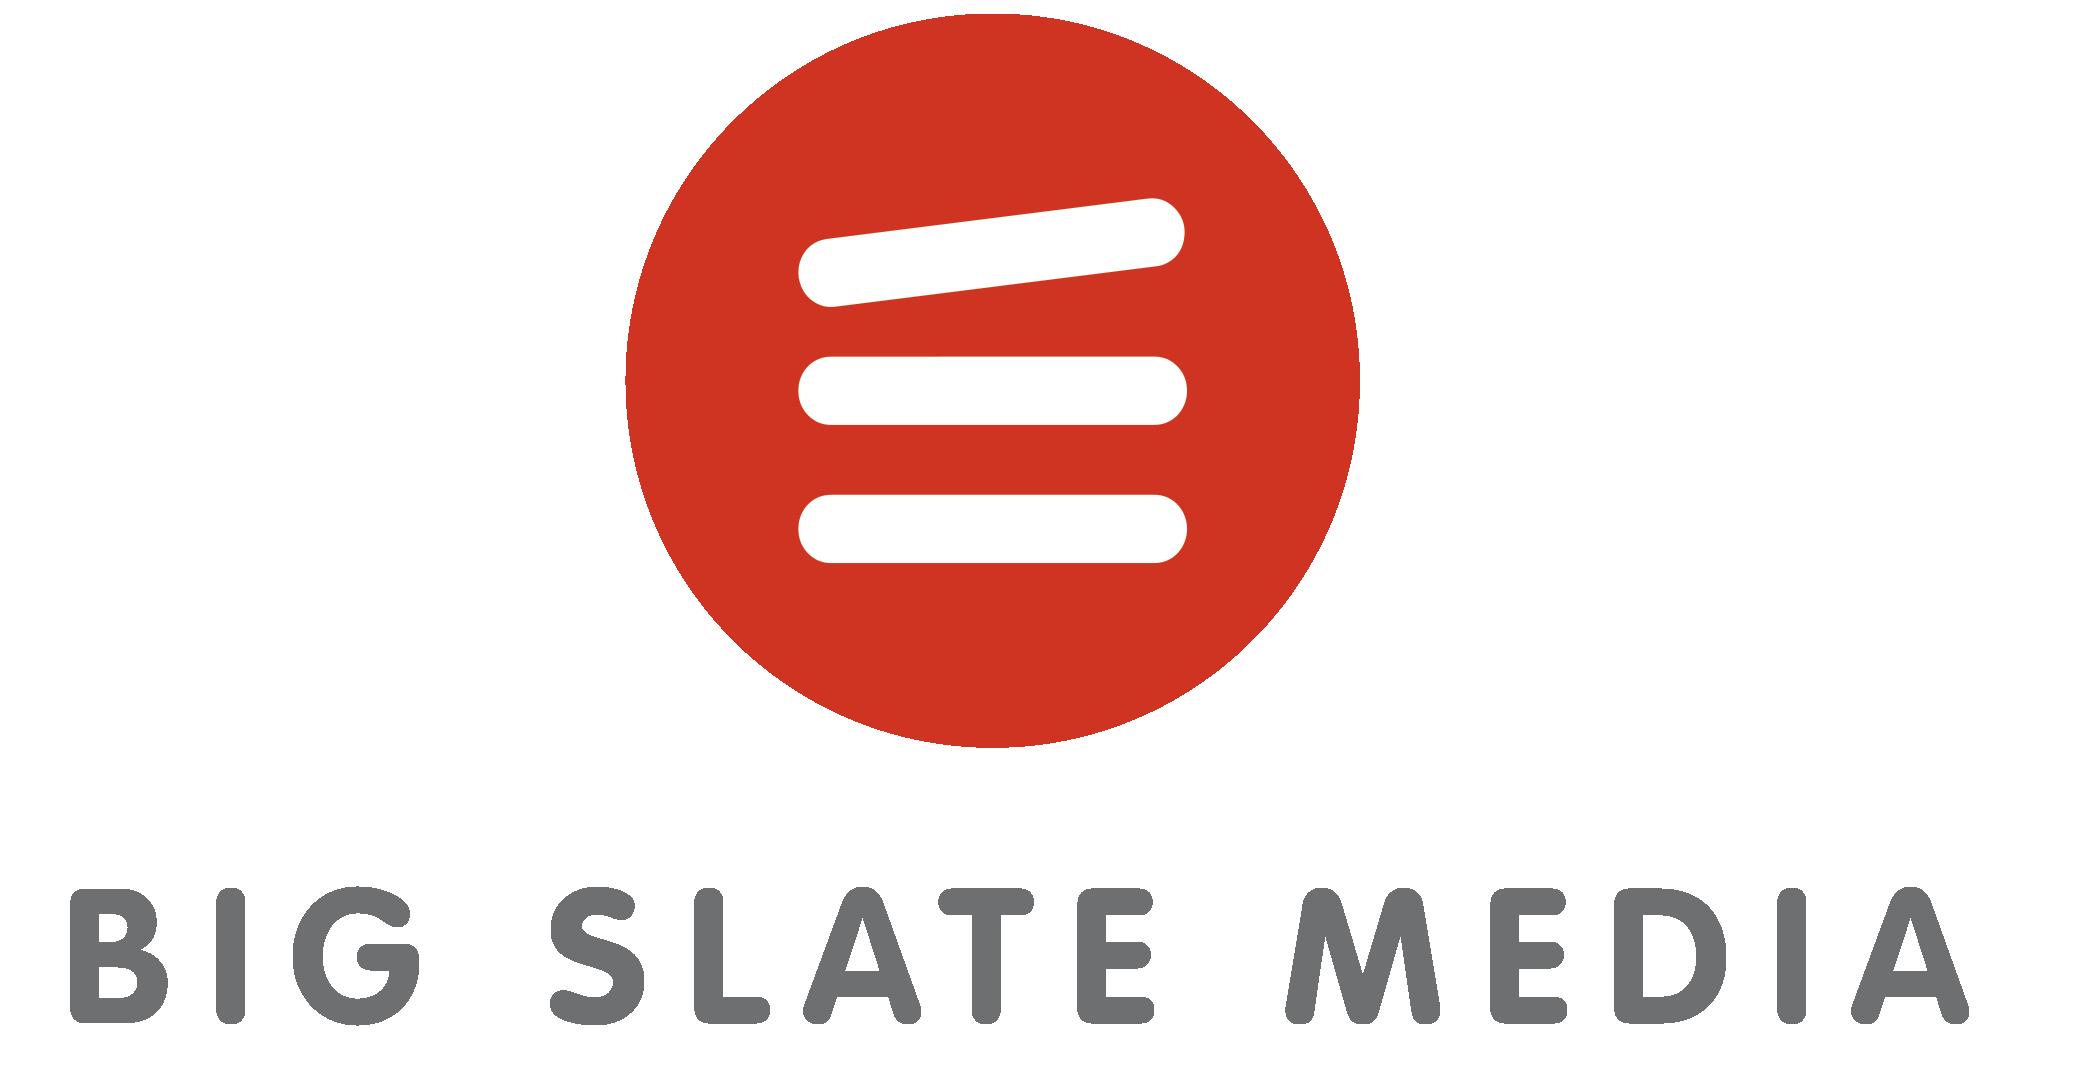 Big Slate Media